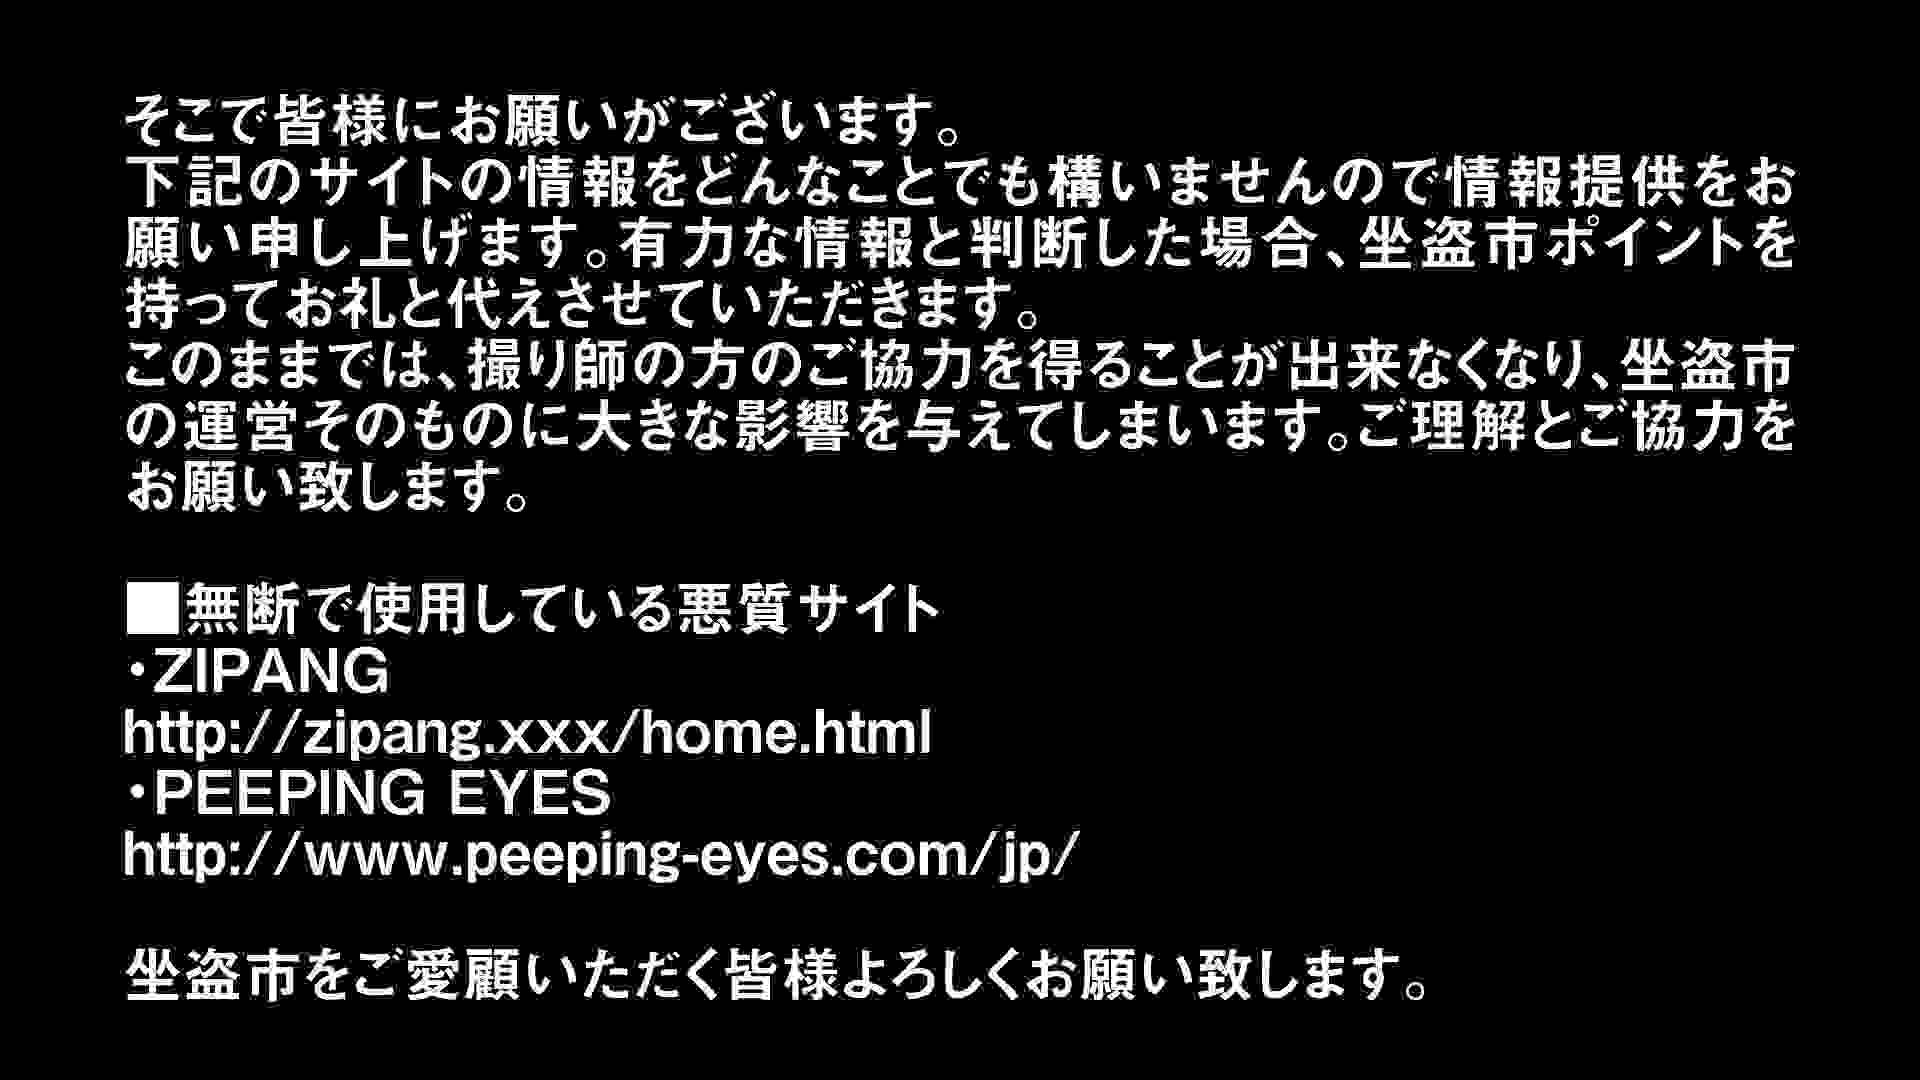 Aquaな露天風呂Vol.297 女体盗撮  91連発 39